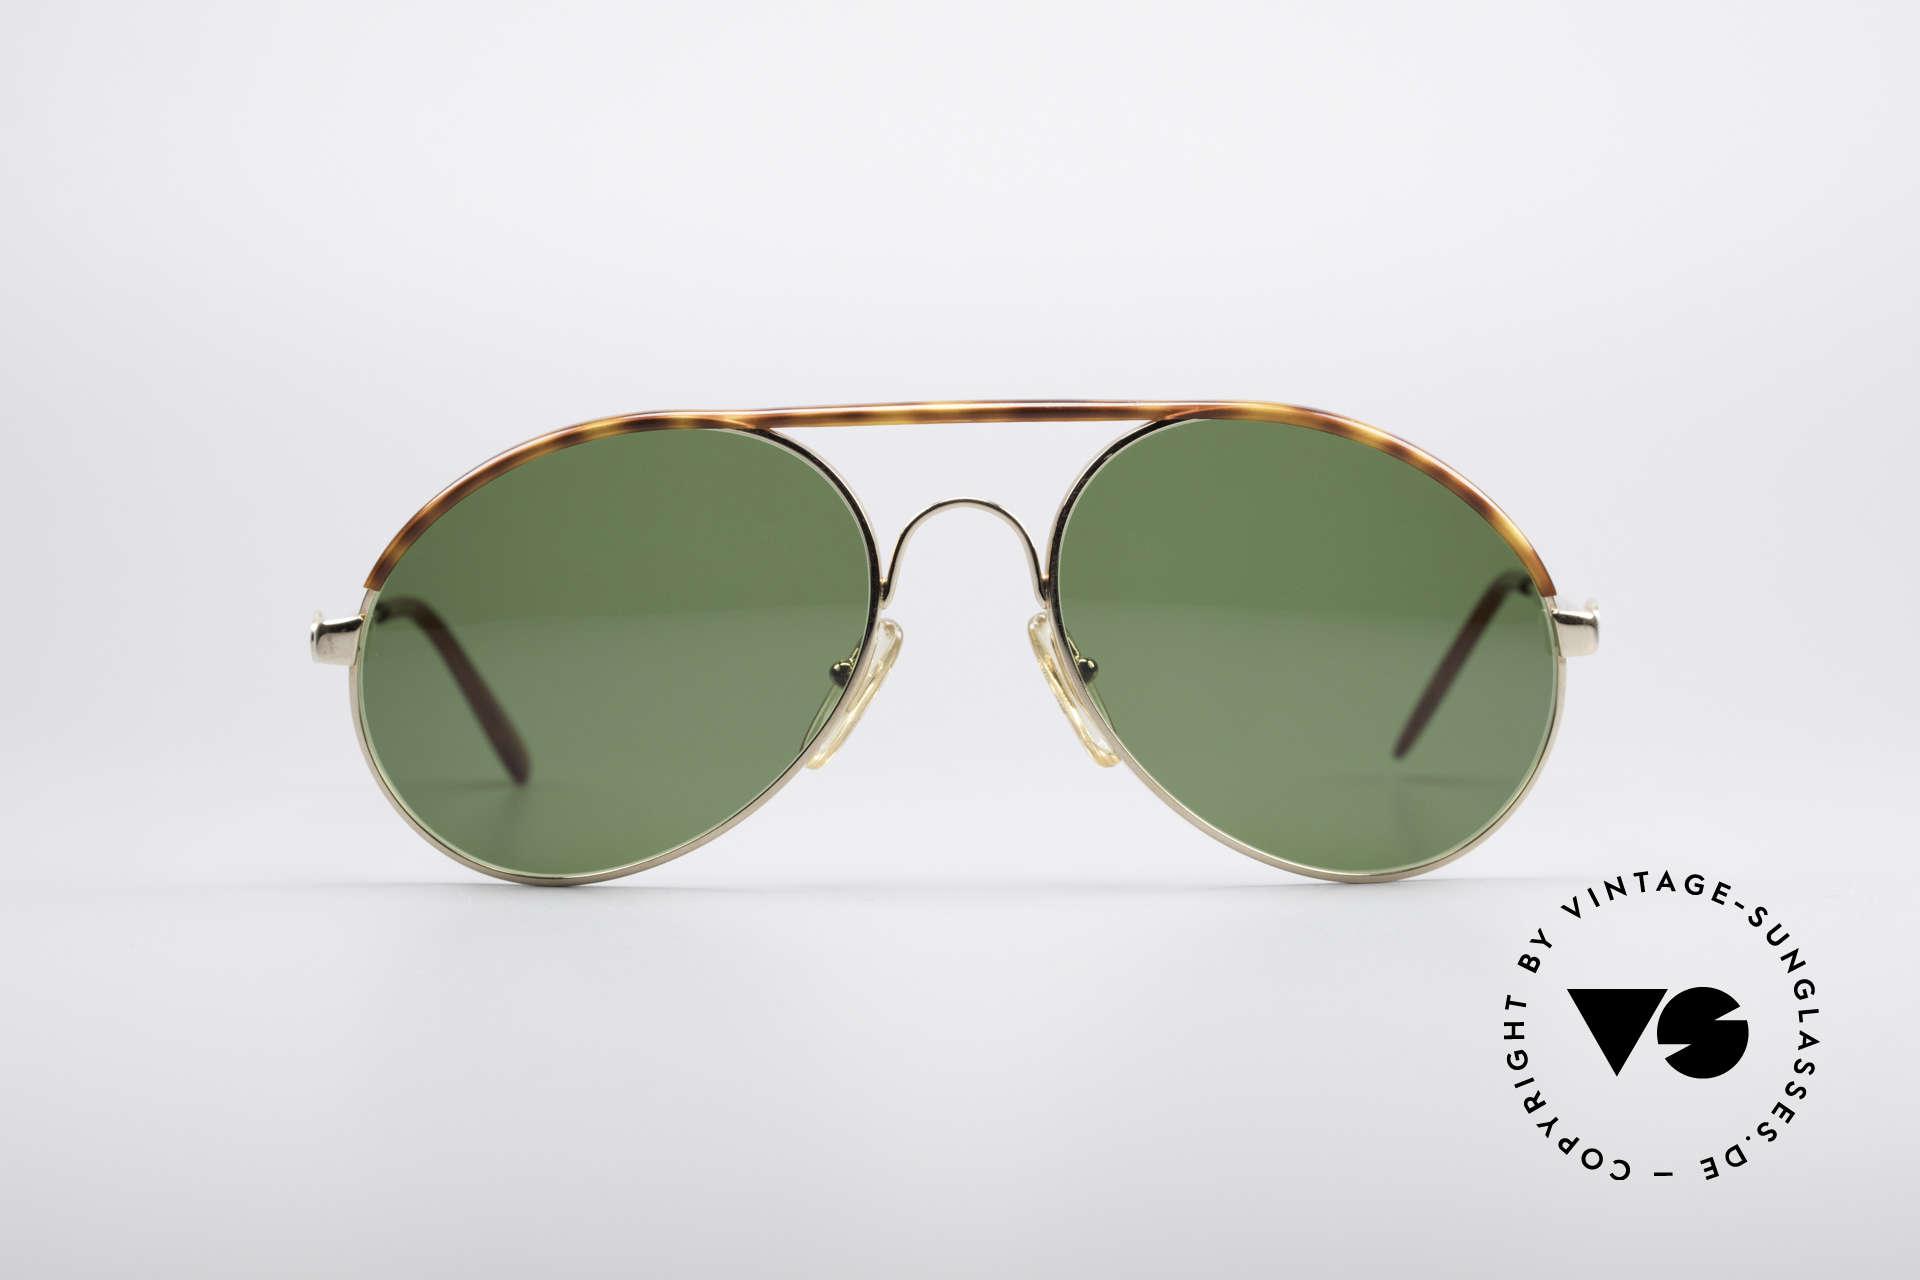 Bugatti 65986 Men's 80's Sunglasses, legendary vintage BUGATTI 'tear drop' design, Made for Men